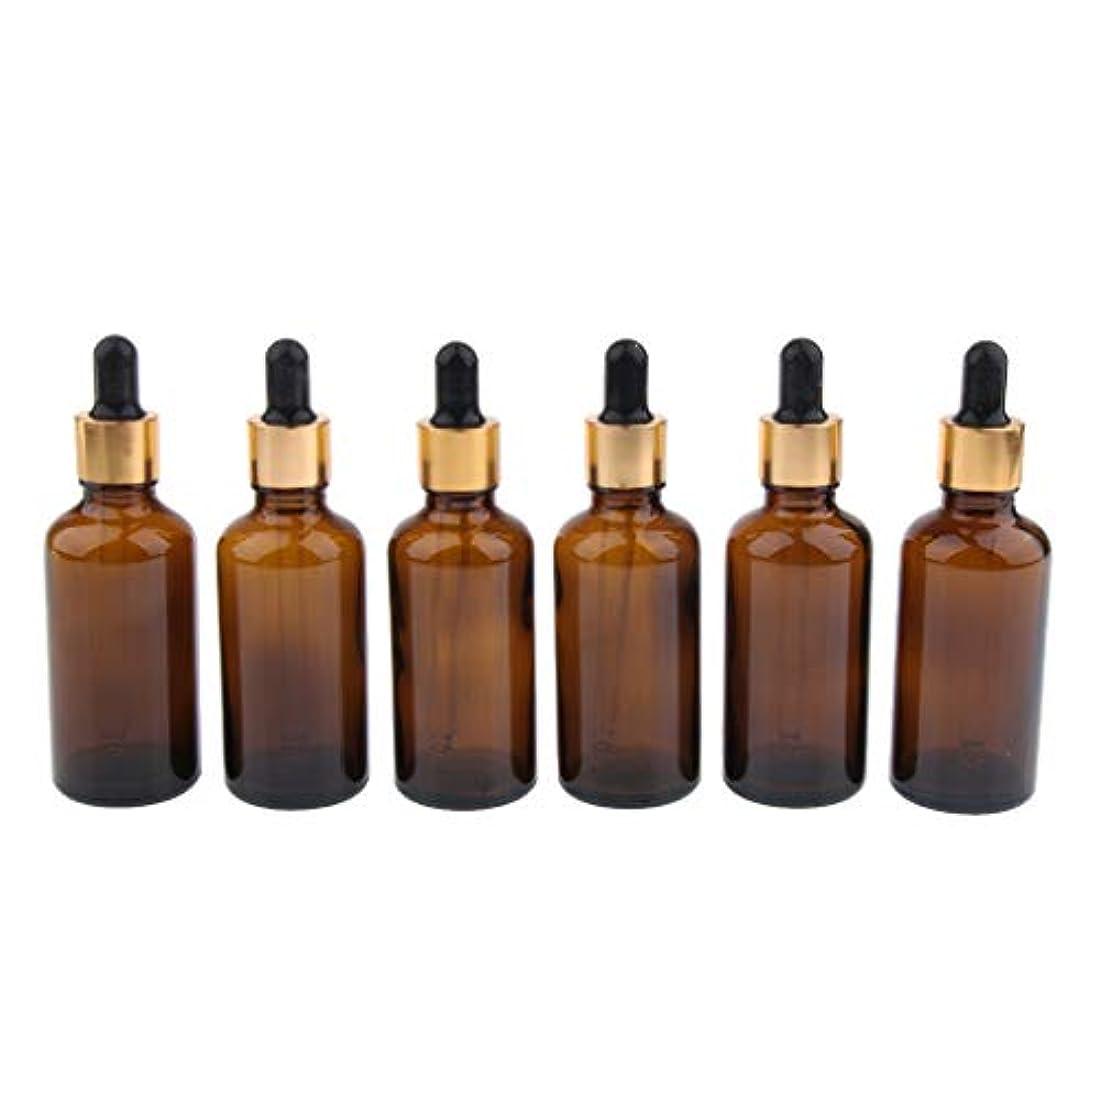 プロトタイプ購入リーガンIPOTCH 6本 遮光ビン 精油瓶 香水瓶 空ボトル スポイト ガラス 詰め替え マルチ容量 - 50ml